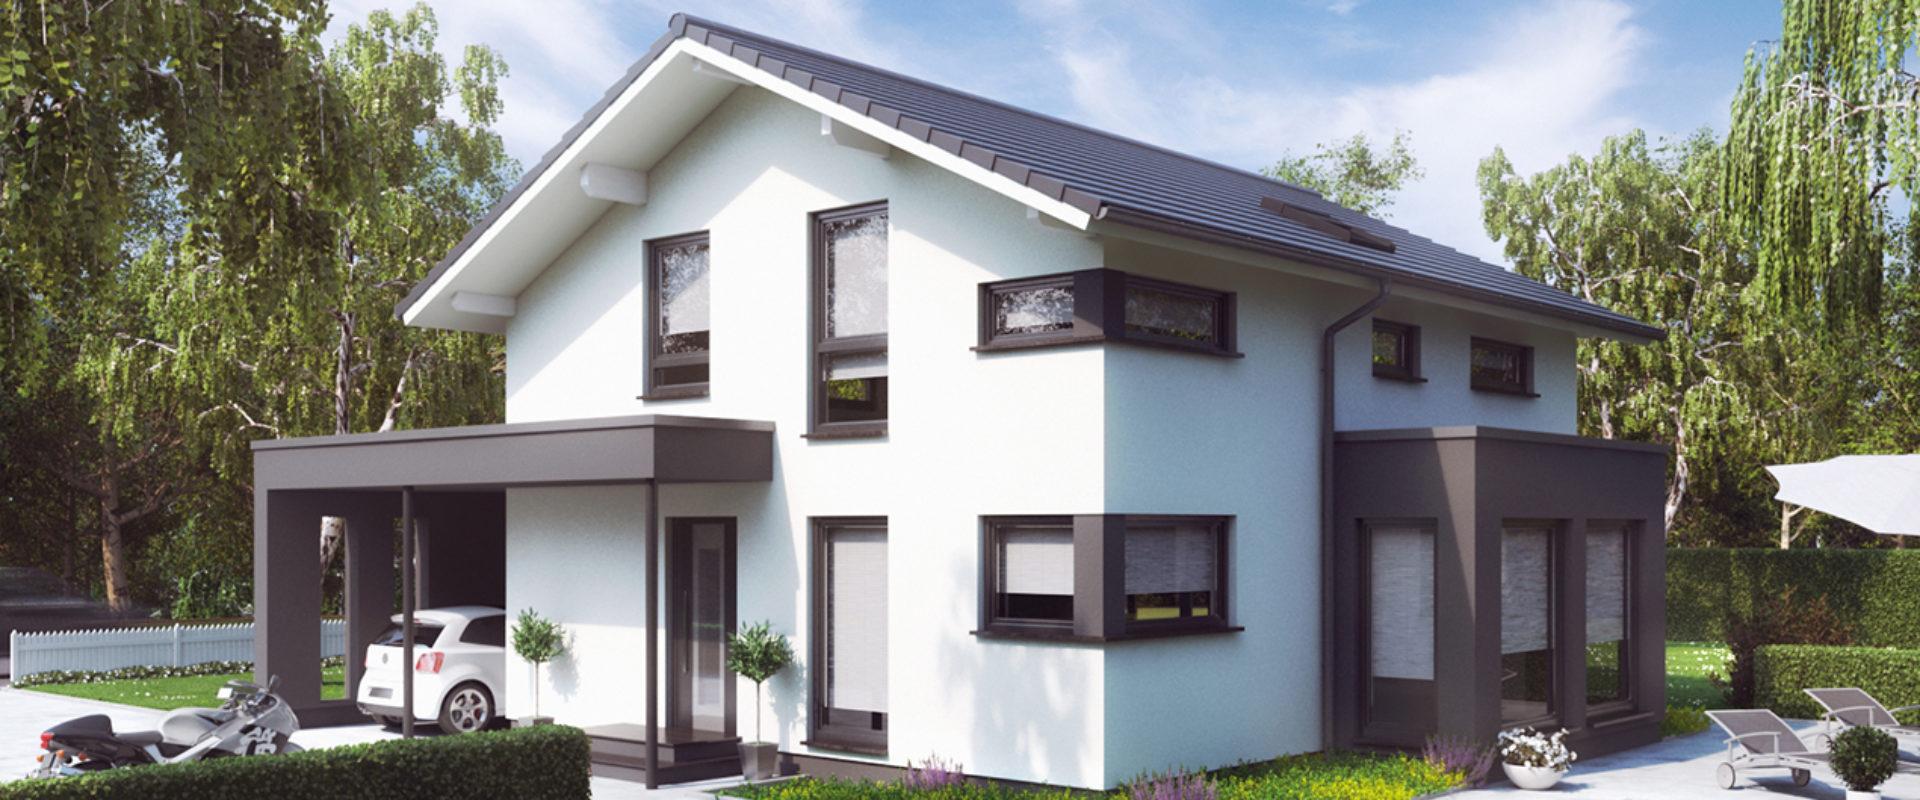 musterhauszentrum mk erst schauen dann bauen. Black Bedroom Furniture Sets. Home Design Ideas